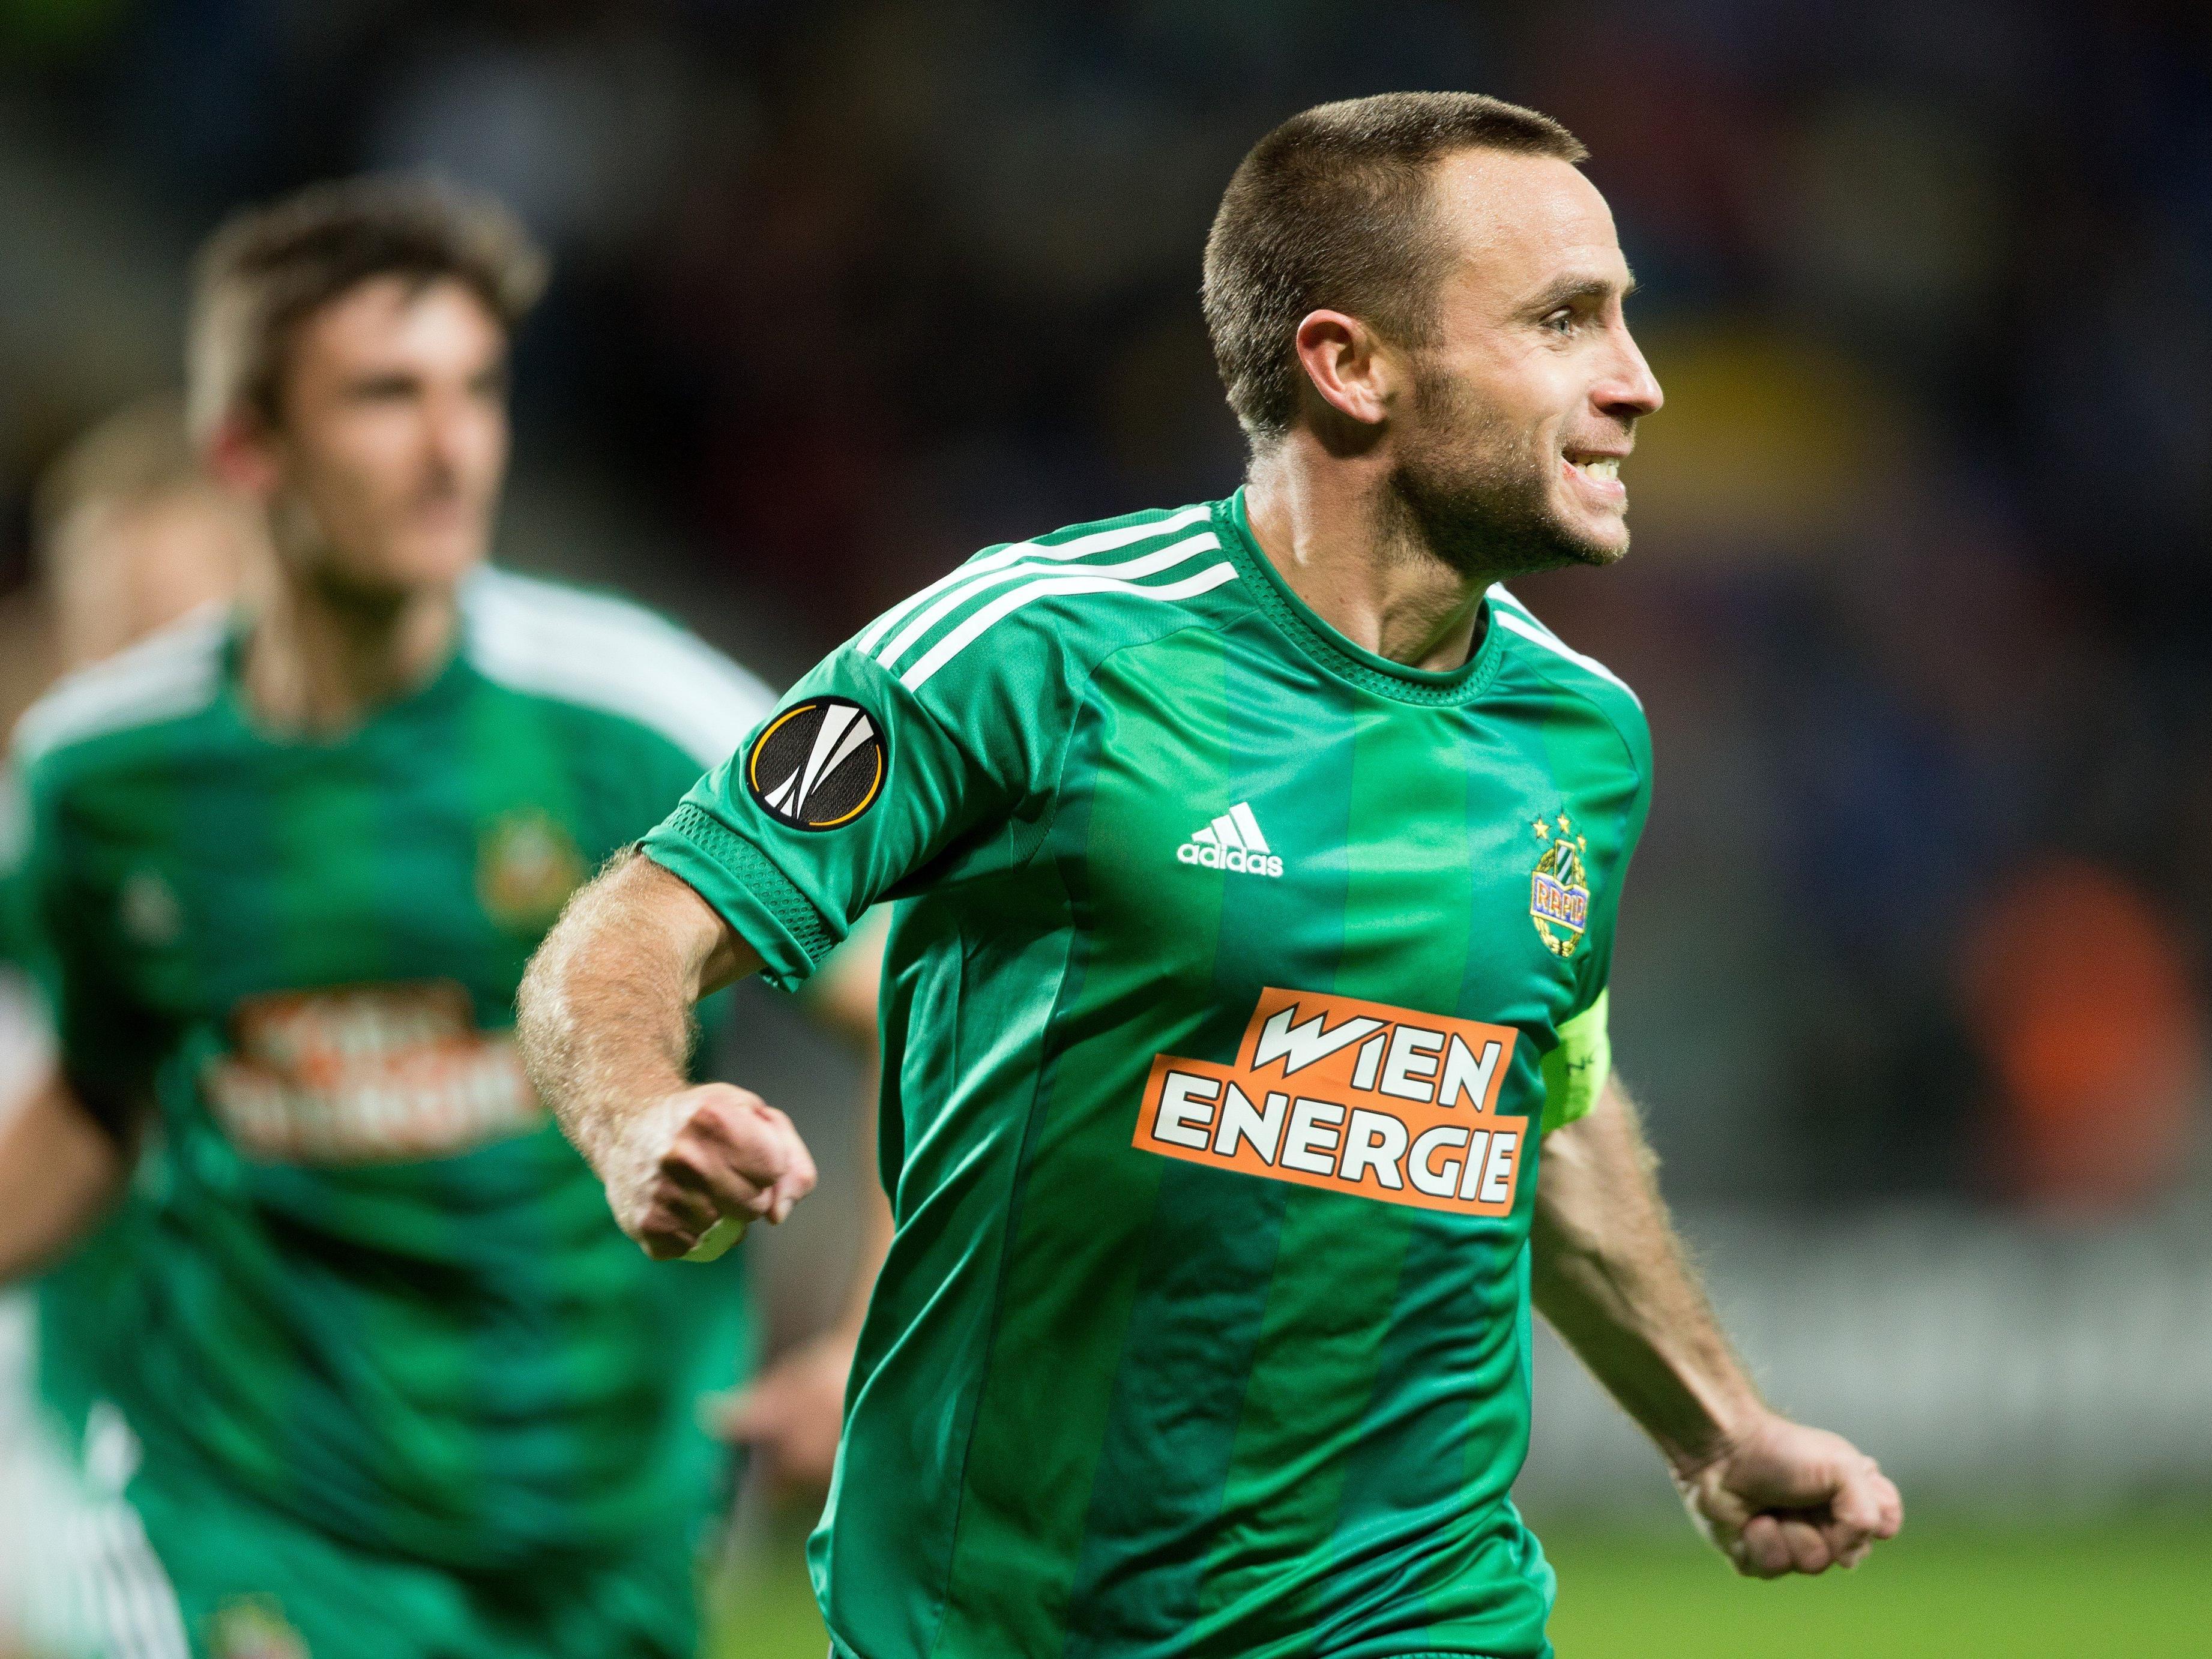 Steffen Hofmann bleibt ein weiteres Jahr bei seinem Verein Rapid Wien.